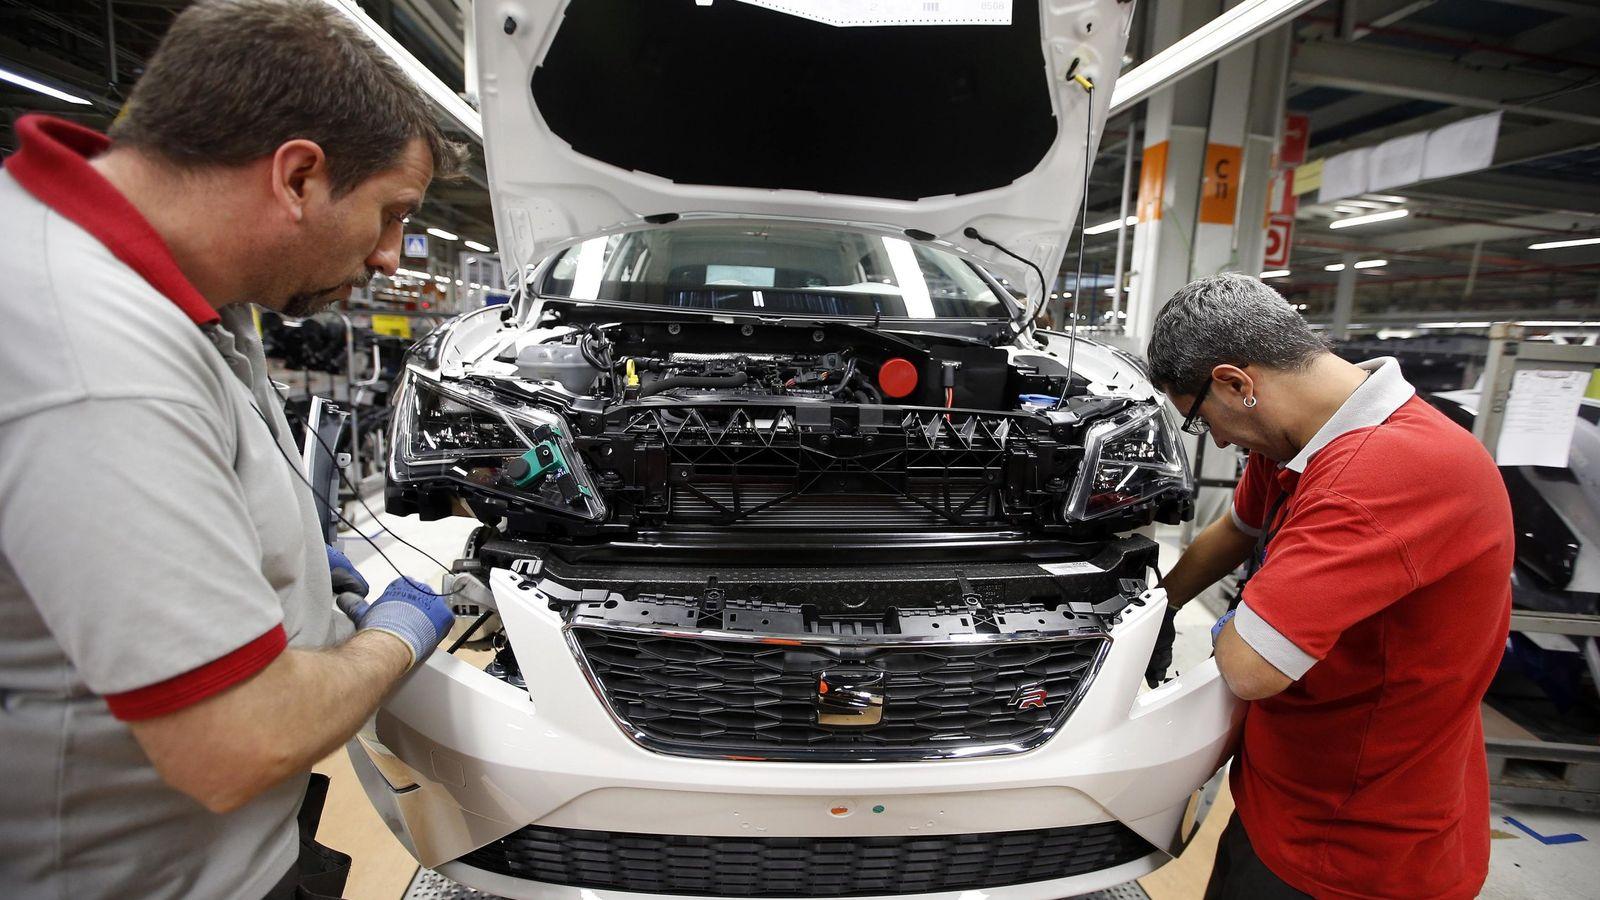 Foto: Dos trabajadores se encargan de colocar la parte delantera de un vehículo Seat en la fábrica de Martorell, Barcelona. (EFE)